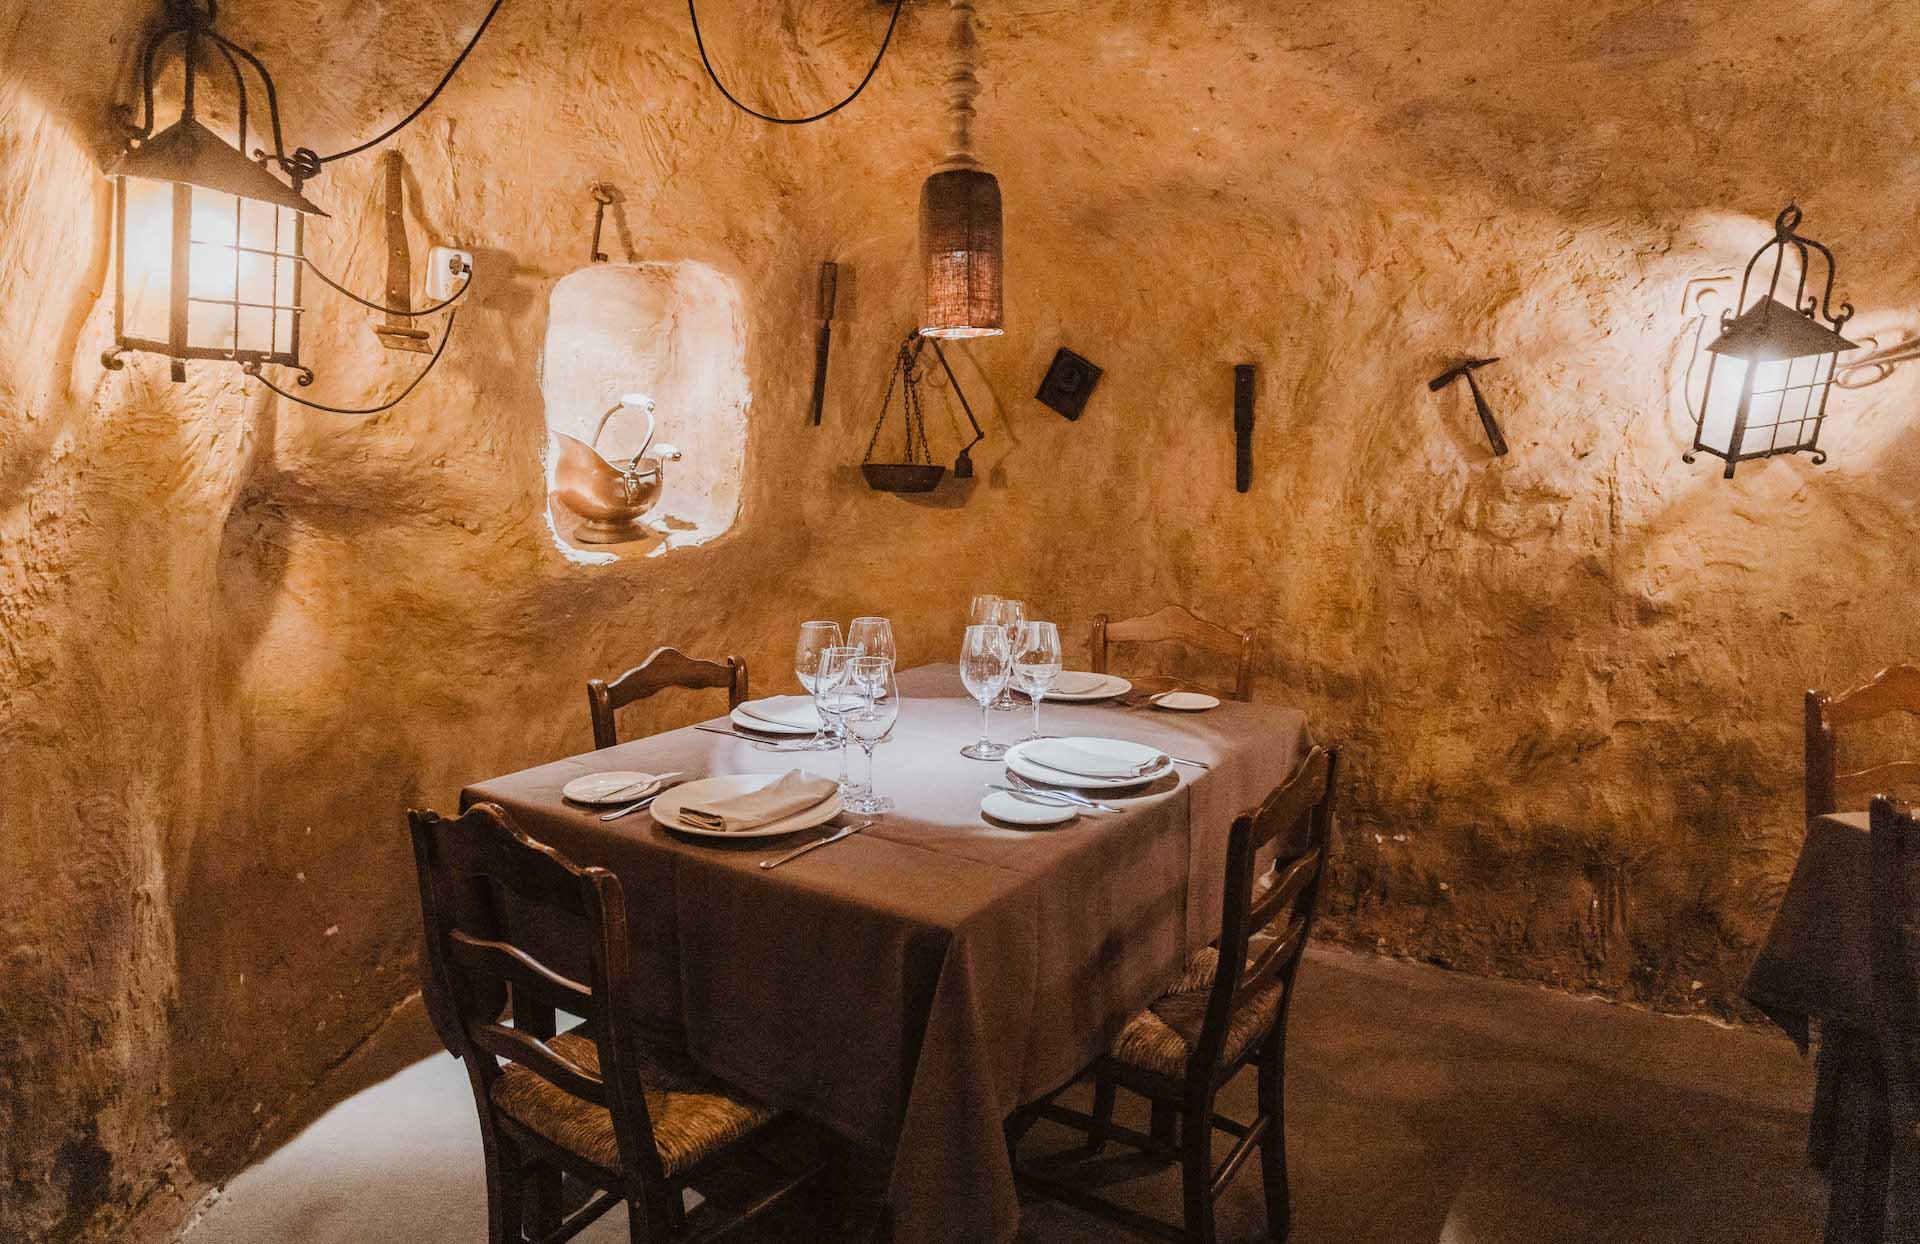 http://restauranteciudadela.com//resources/home/ciudadela00025.jpg